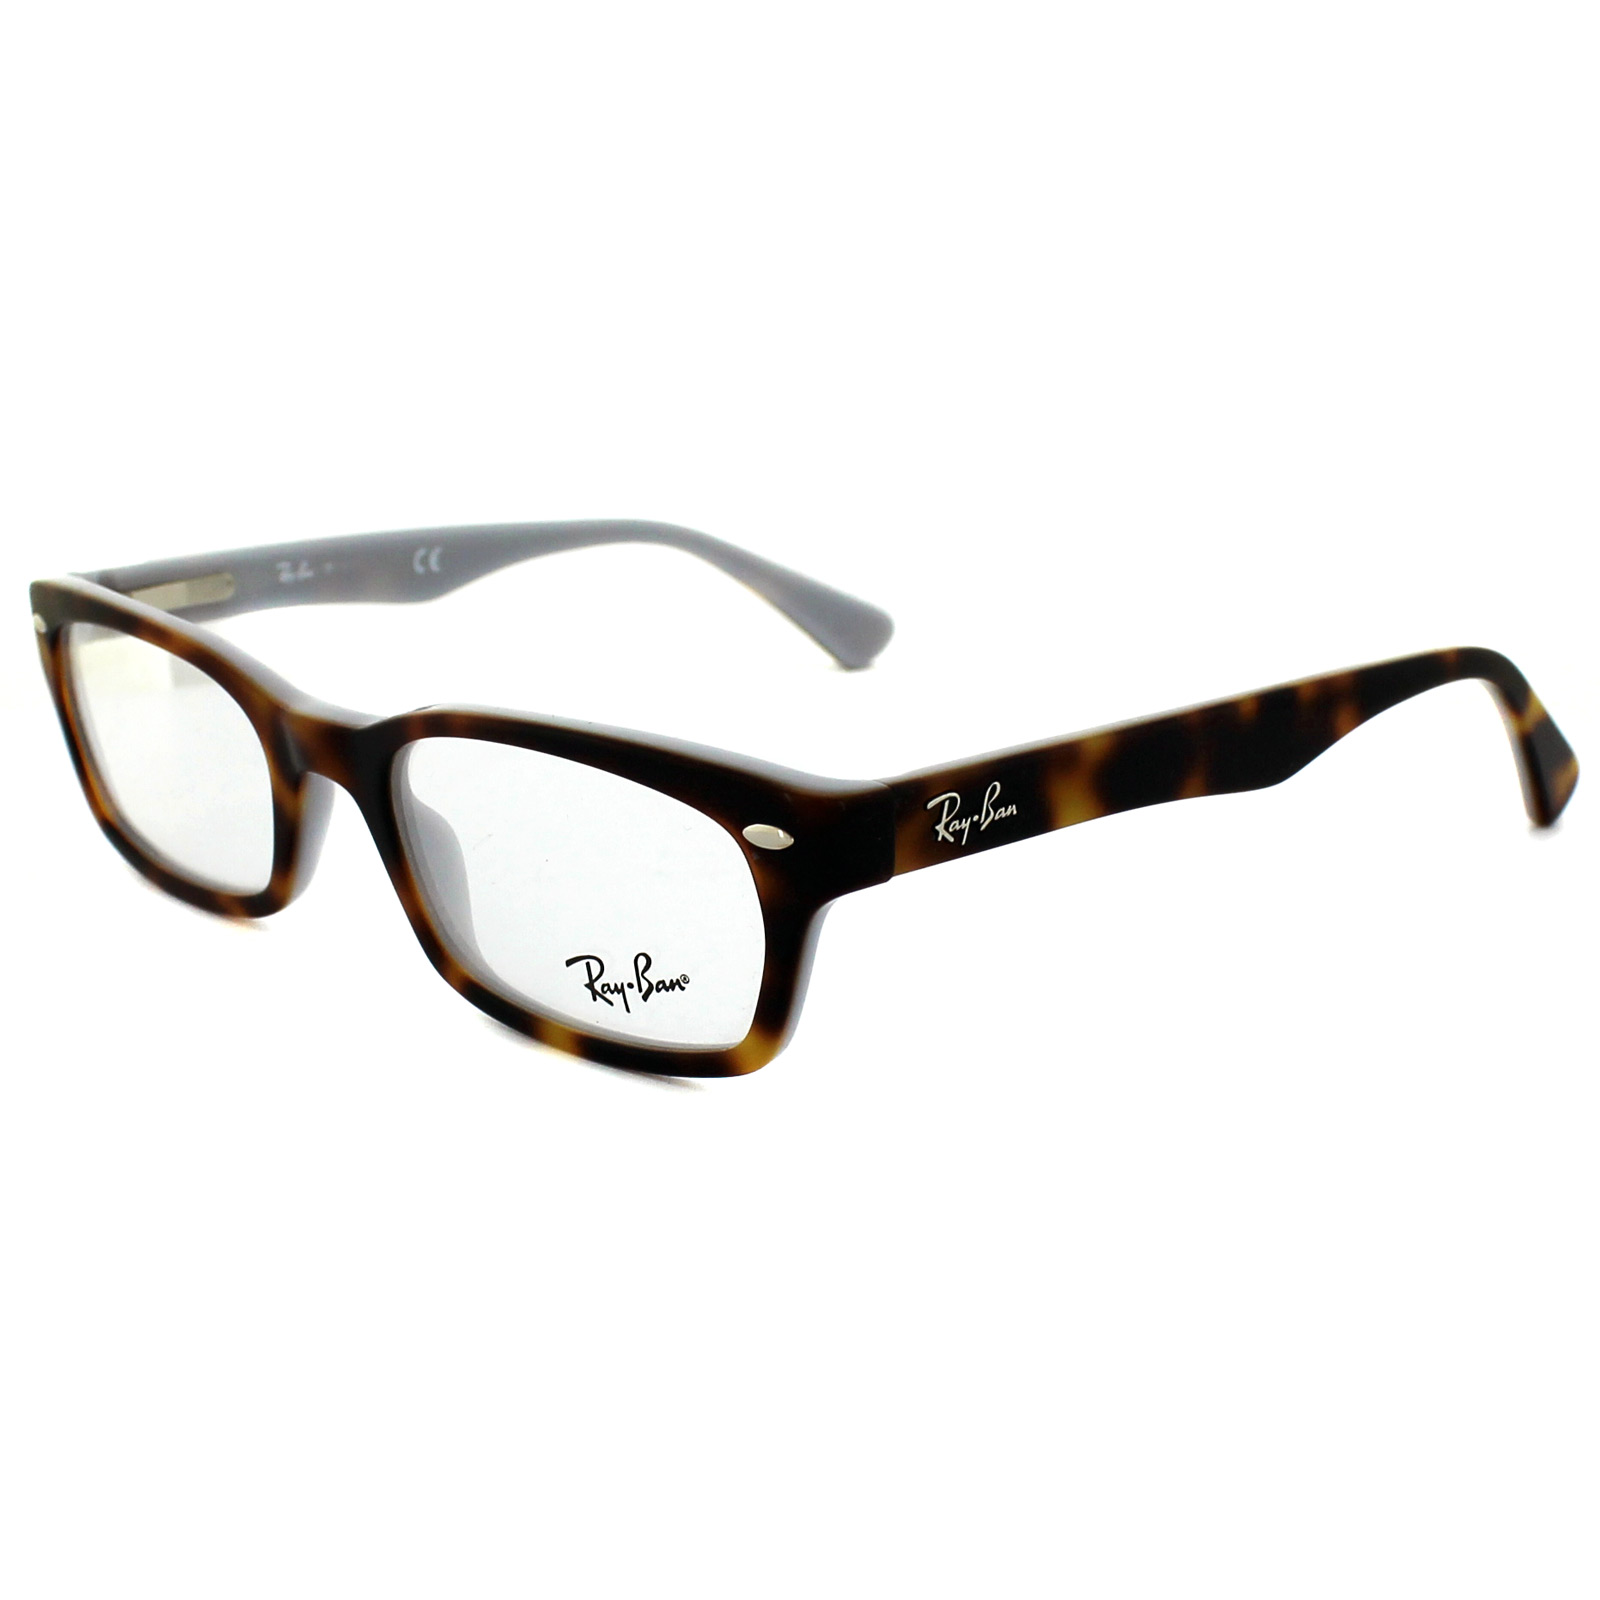 ray ban glasses frames 5150 5238 top havana on opal blue. Black Bedroom Furniture Sets. Home Design Ideas